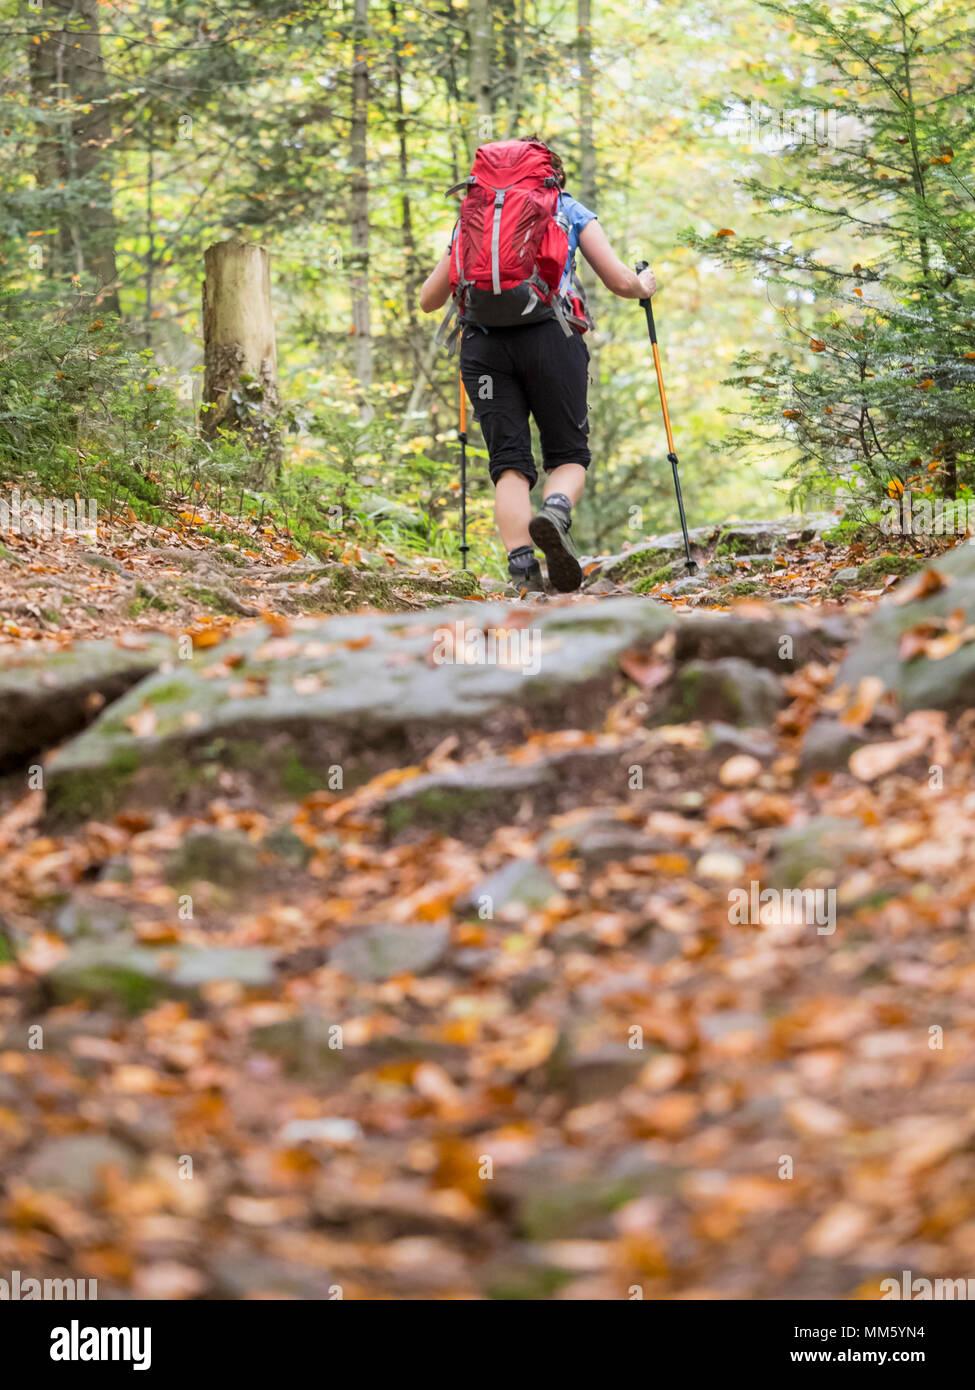 Femme en randonnée dans le Nord de la Forêt Noire, Bad Wildbad, Bade-Wurtemberg, Allemagne Photo Stock